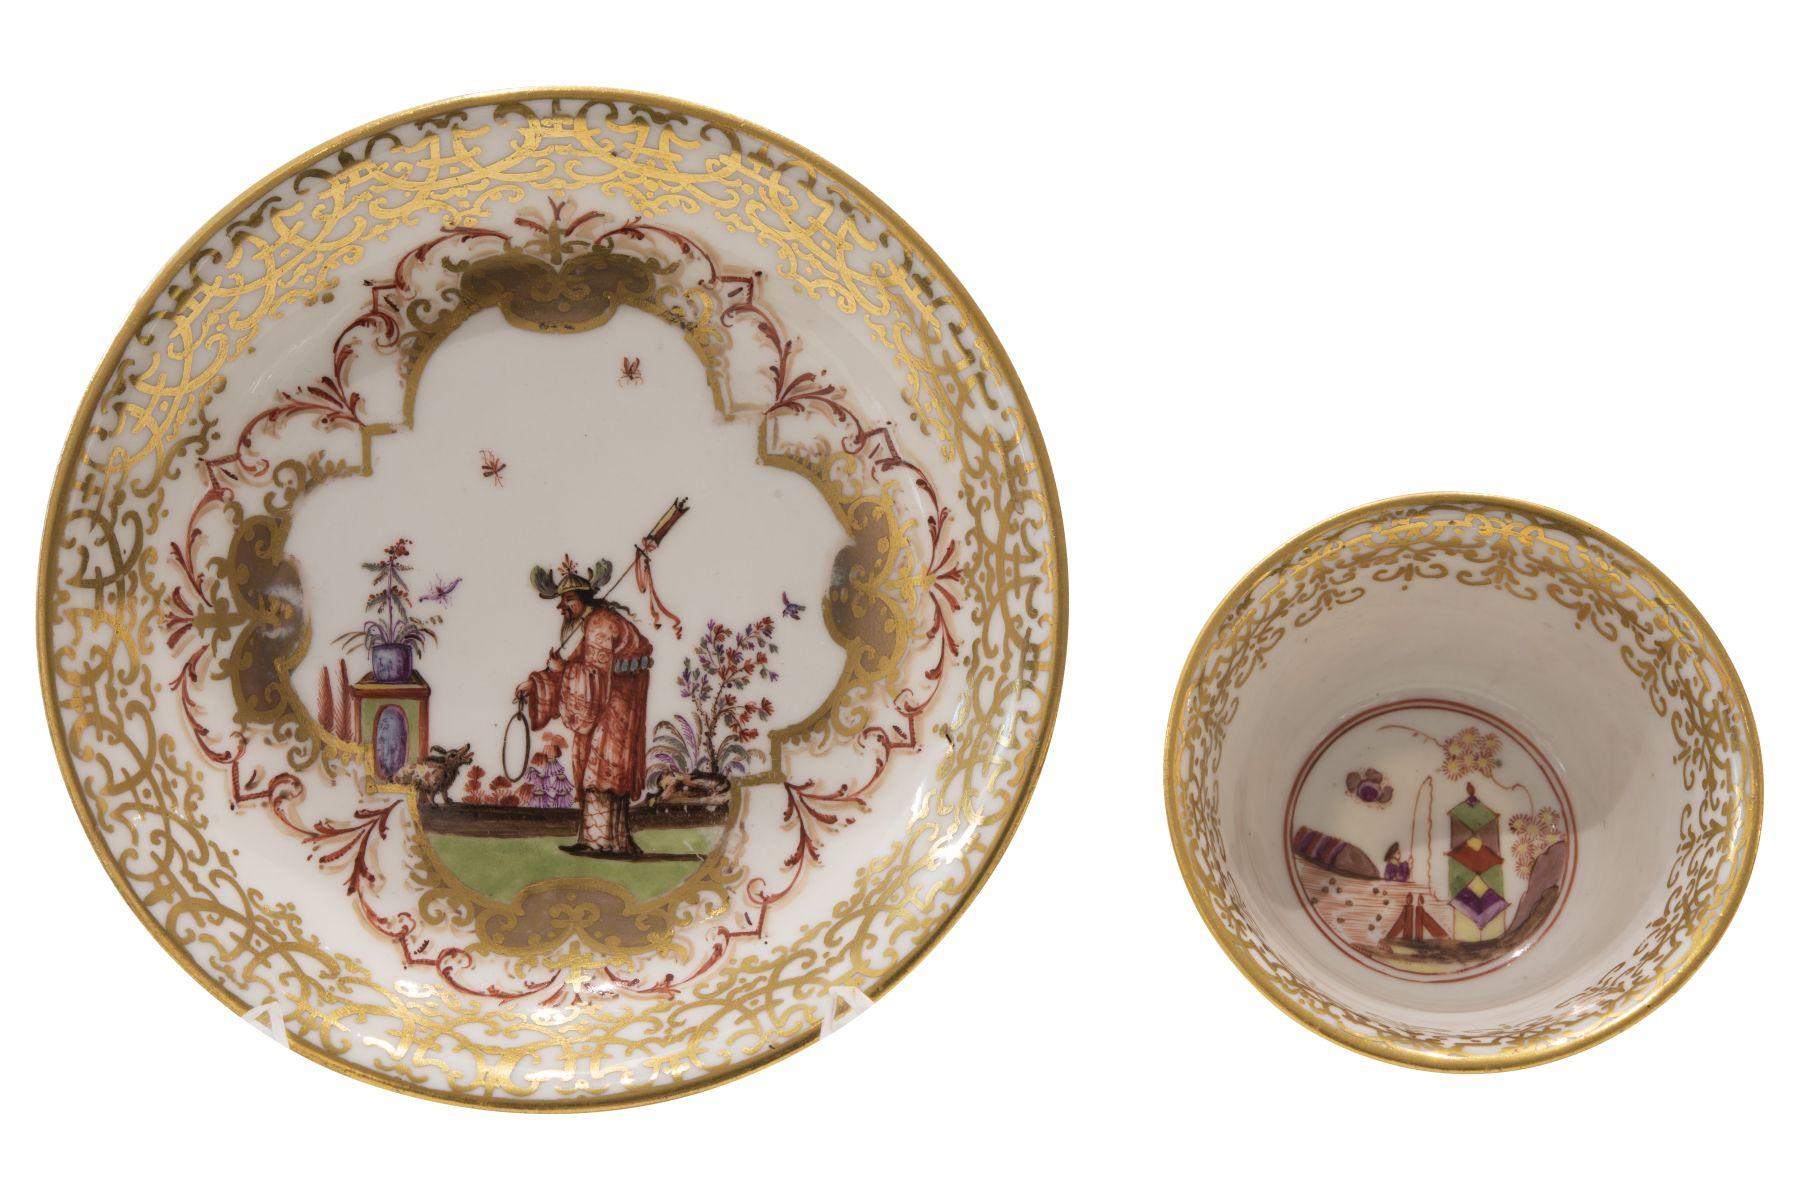 #106 Small cup with lower bowl, Meissen around 1720/30 | Koppchen mit Unterschale Meissen um 1725/30 Image